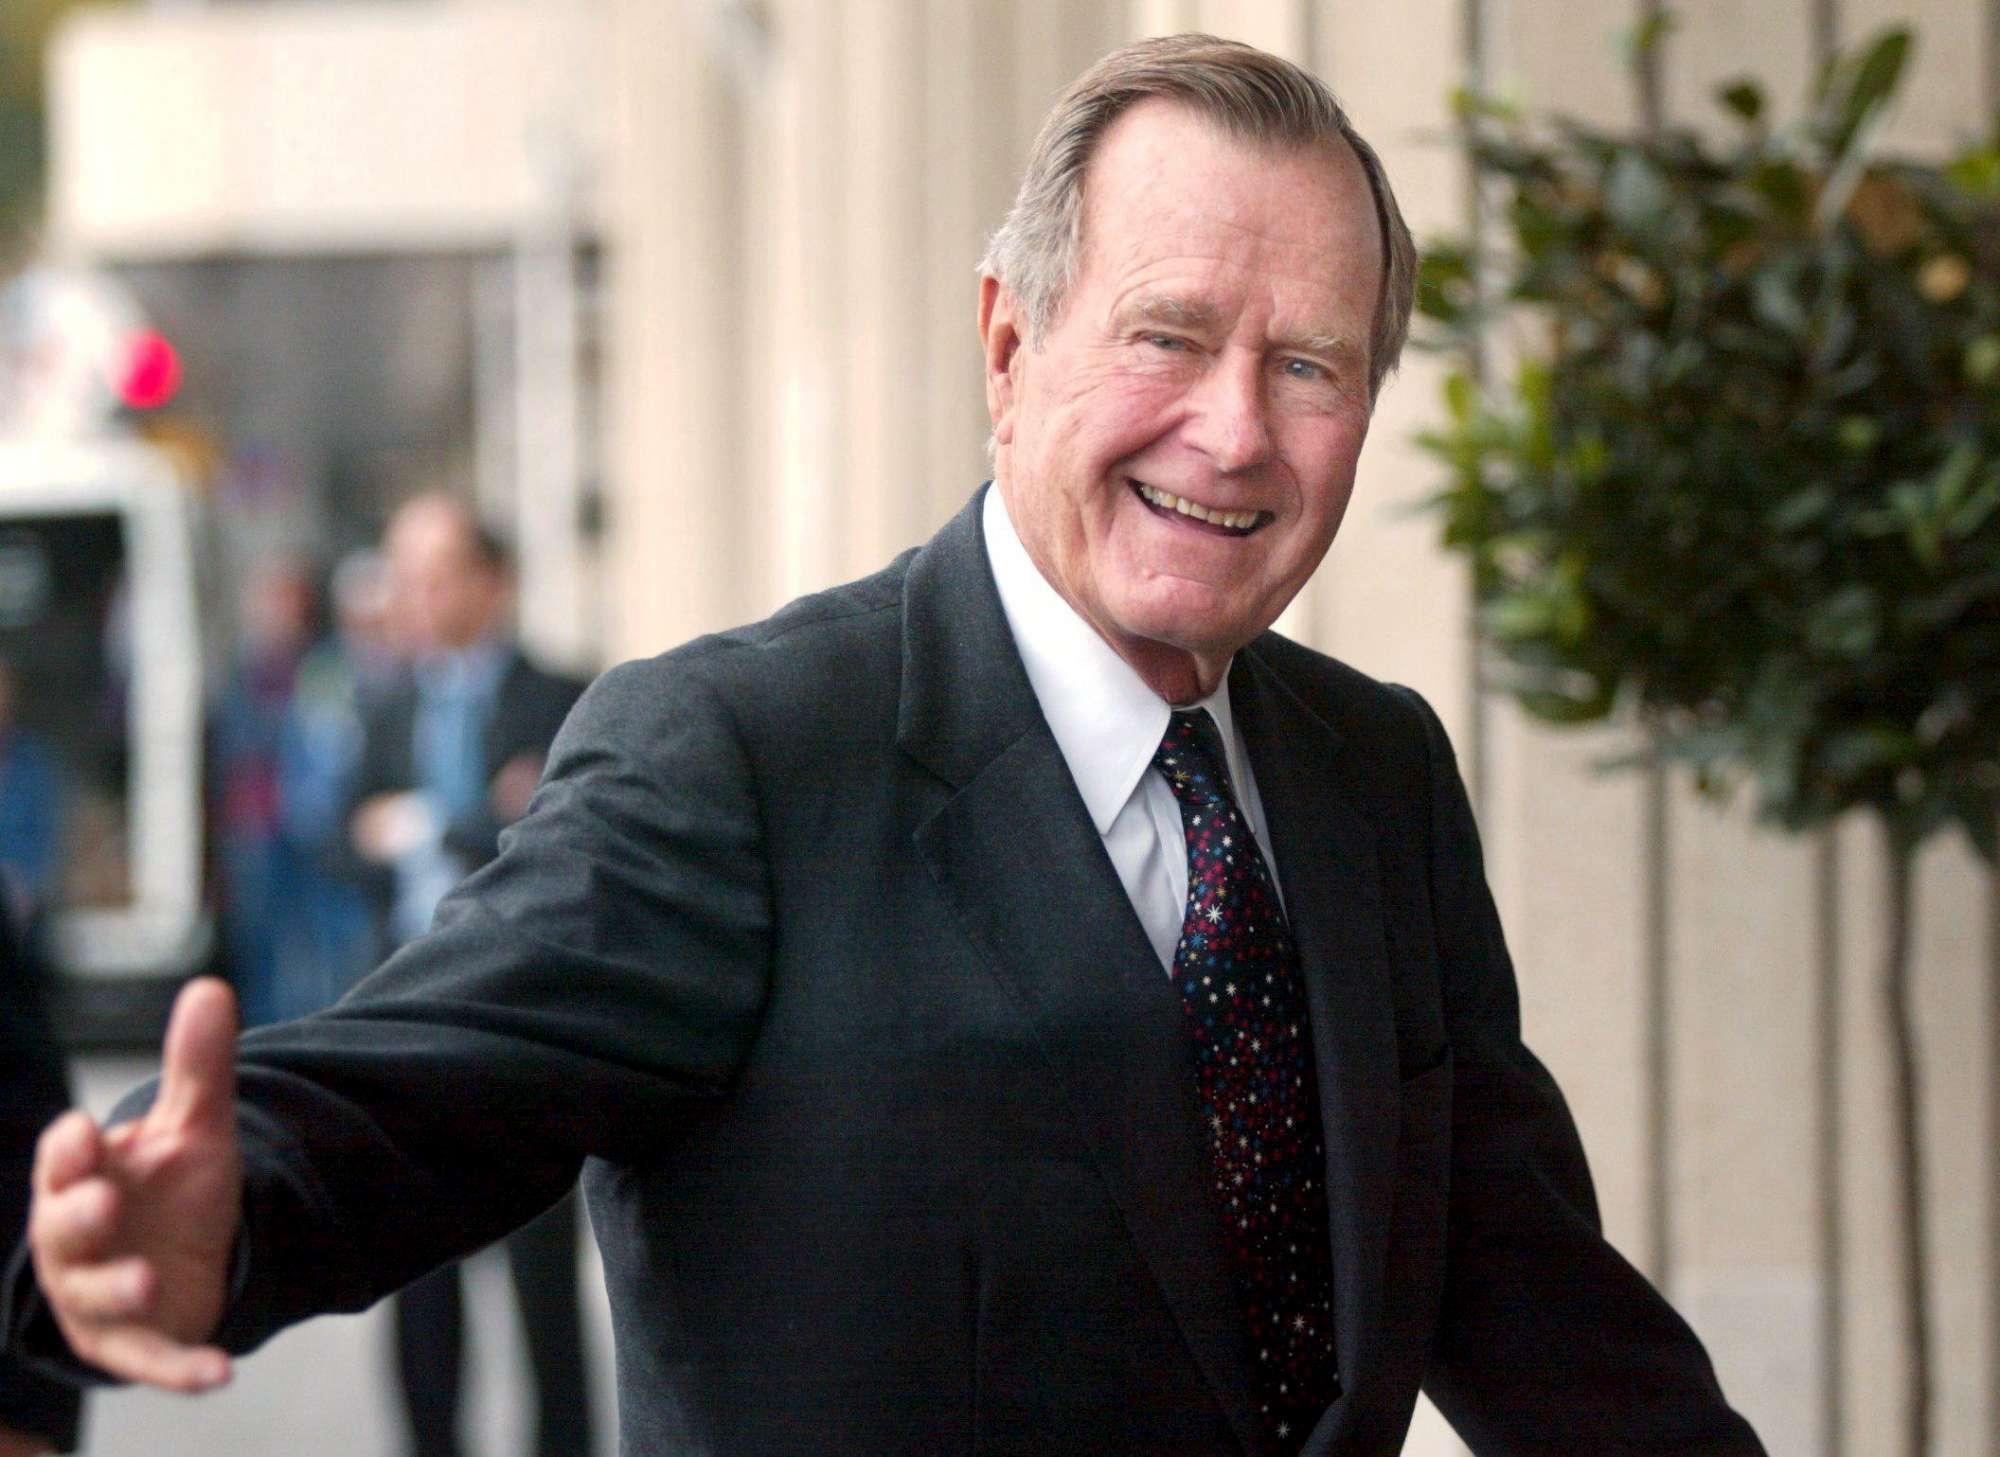 George Bush senior morto a 94 anni: era stato il 41esimo presidente Usa